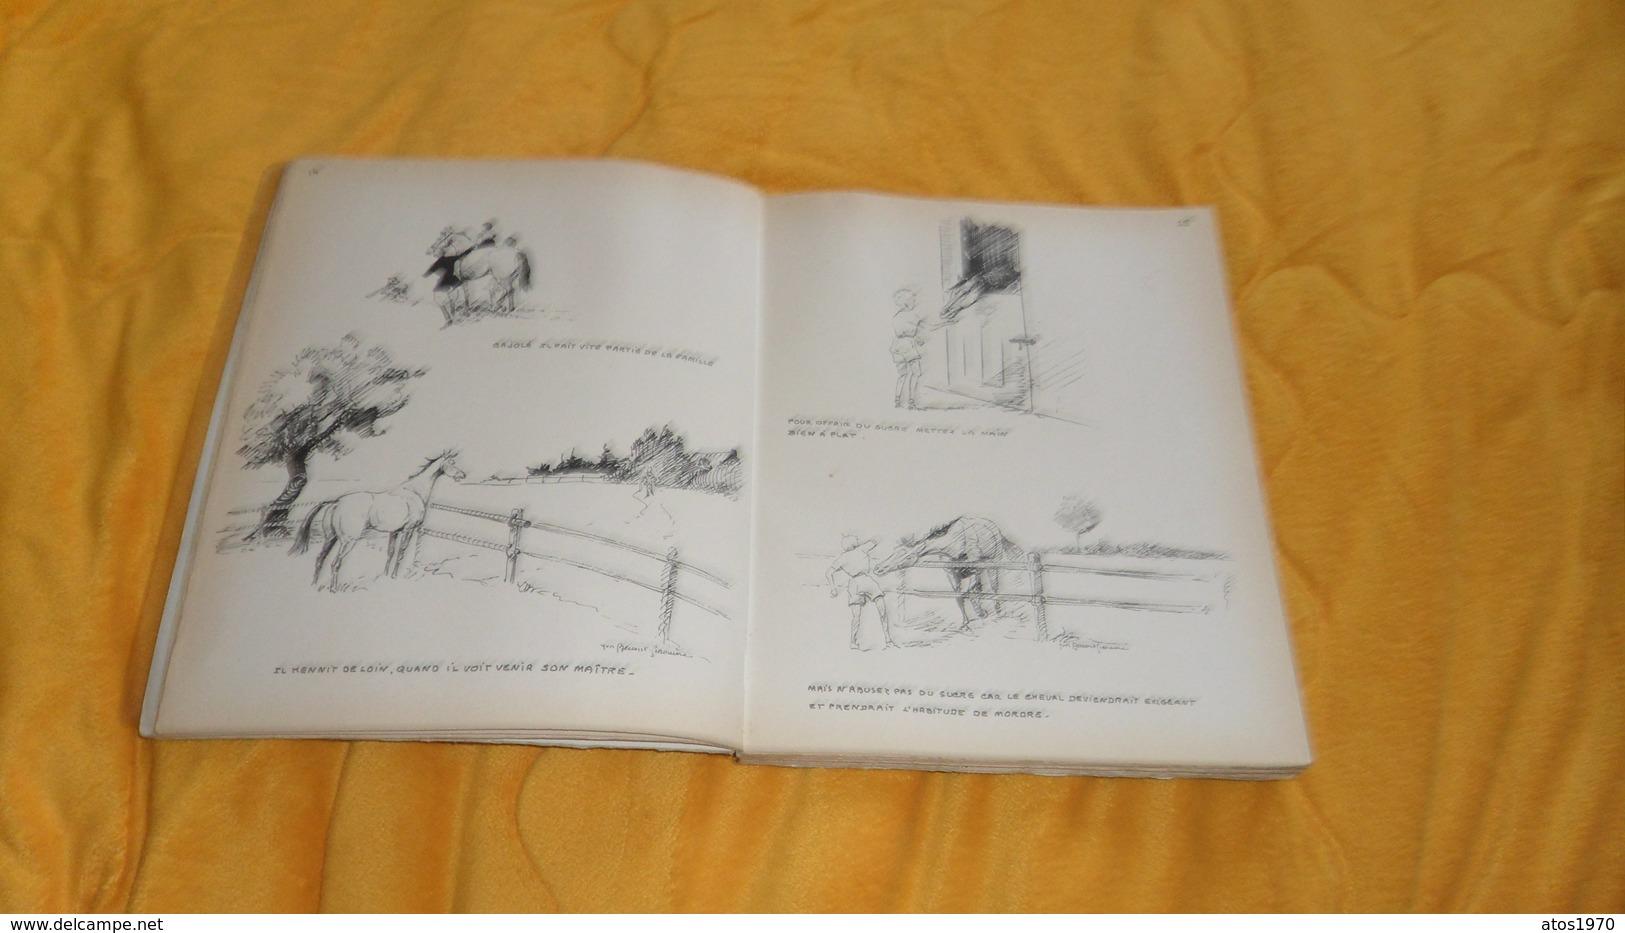 LIVRE ANCIEN DE 1963. / CHEVAL MON CHER SOUCI. 500 CROQUIS LEGENDES SUR LES SOINS AUX CHEVAUX. / YVES BENOIST GIRONIERE. - Animaux